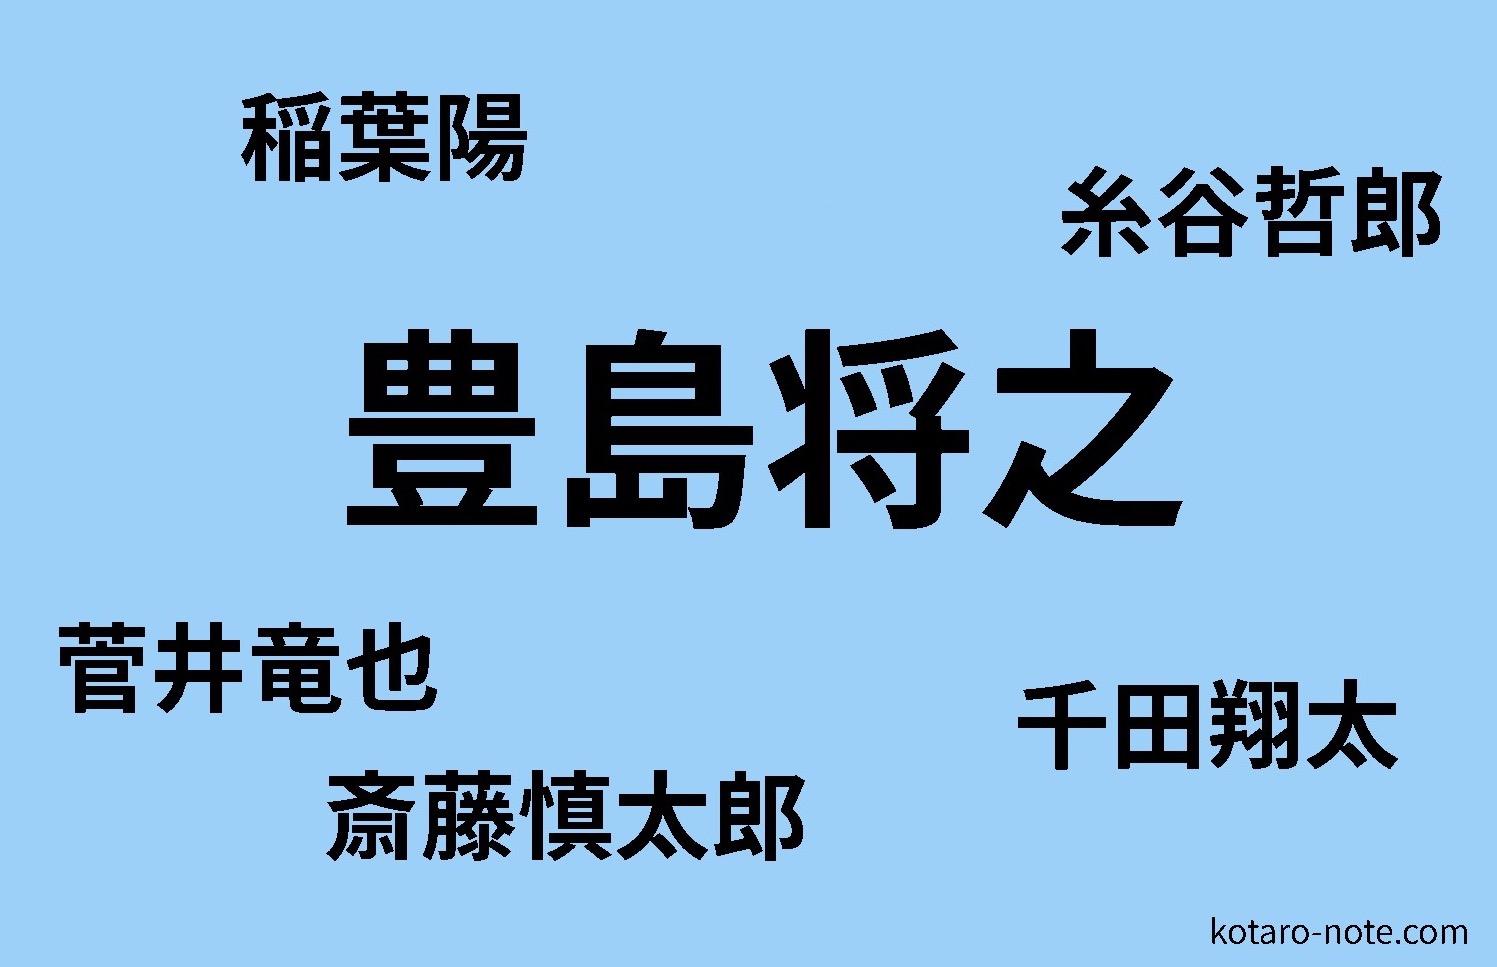 豊島将之二冠と関西若手棋士